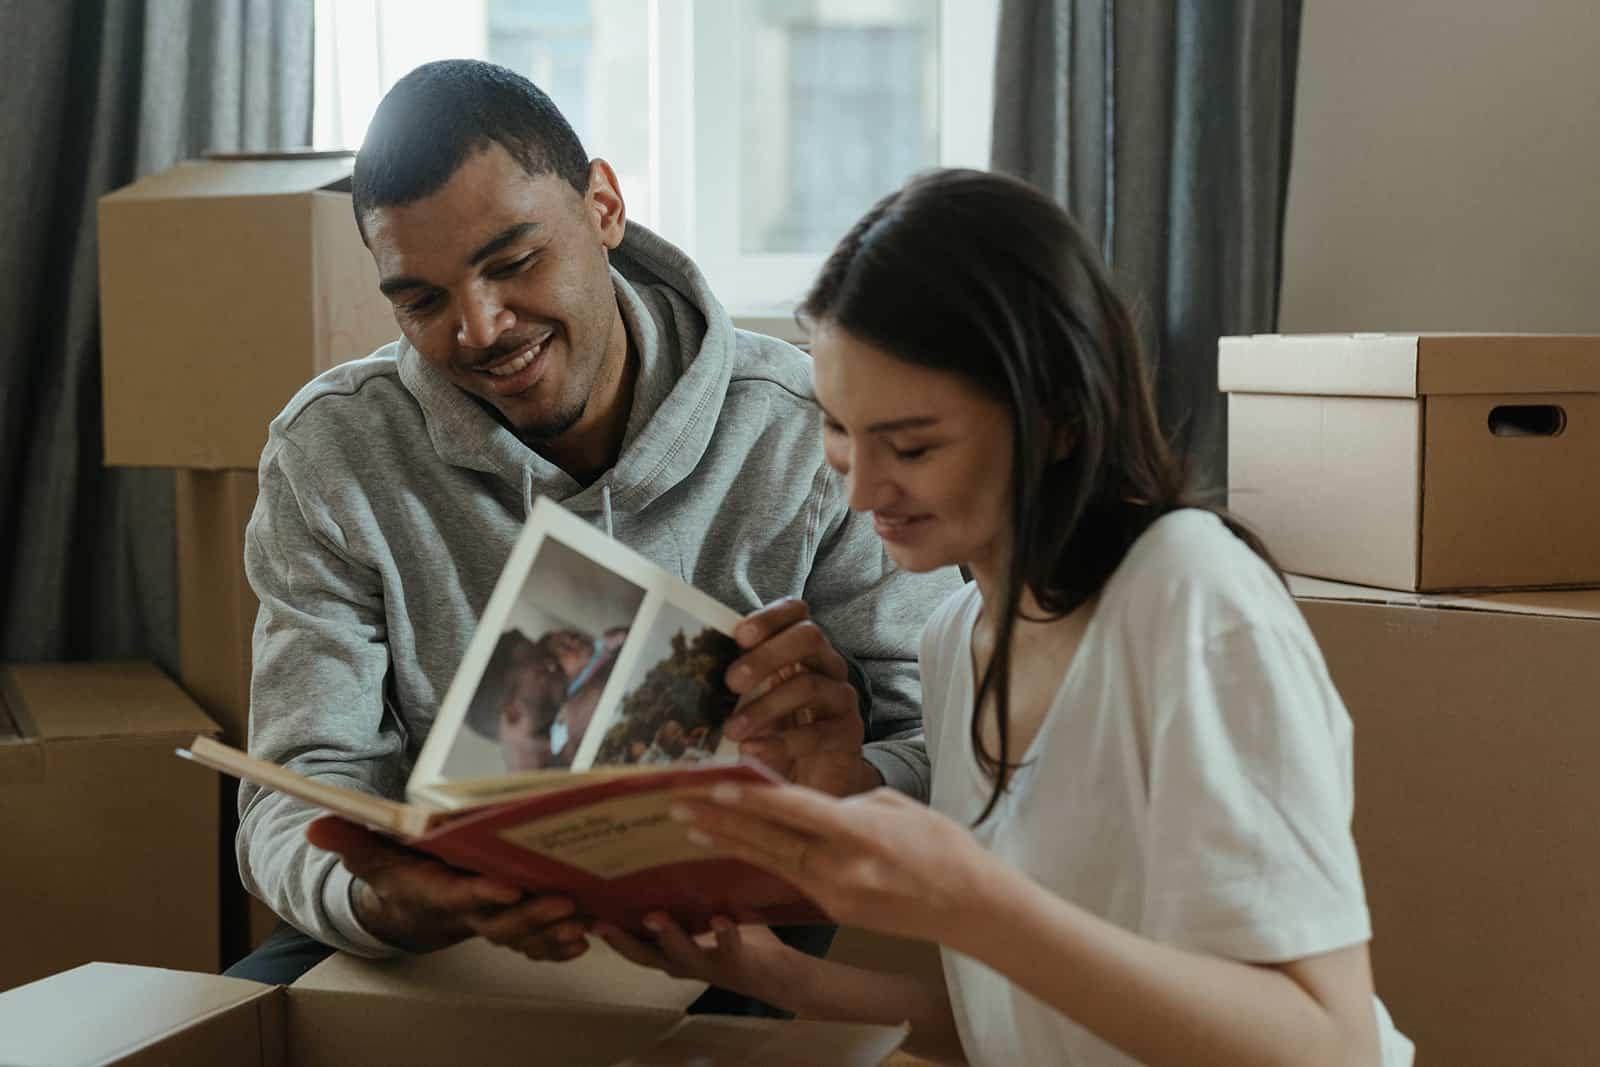 ein lächelnder Mann und eine Frau, die ein Fotoalbum in der Wohnung betrachten